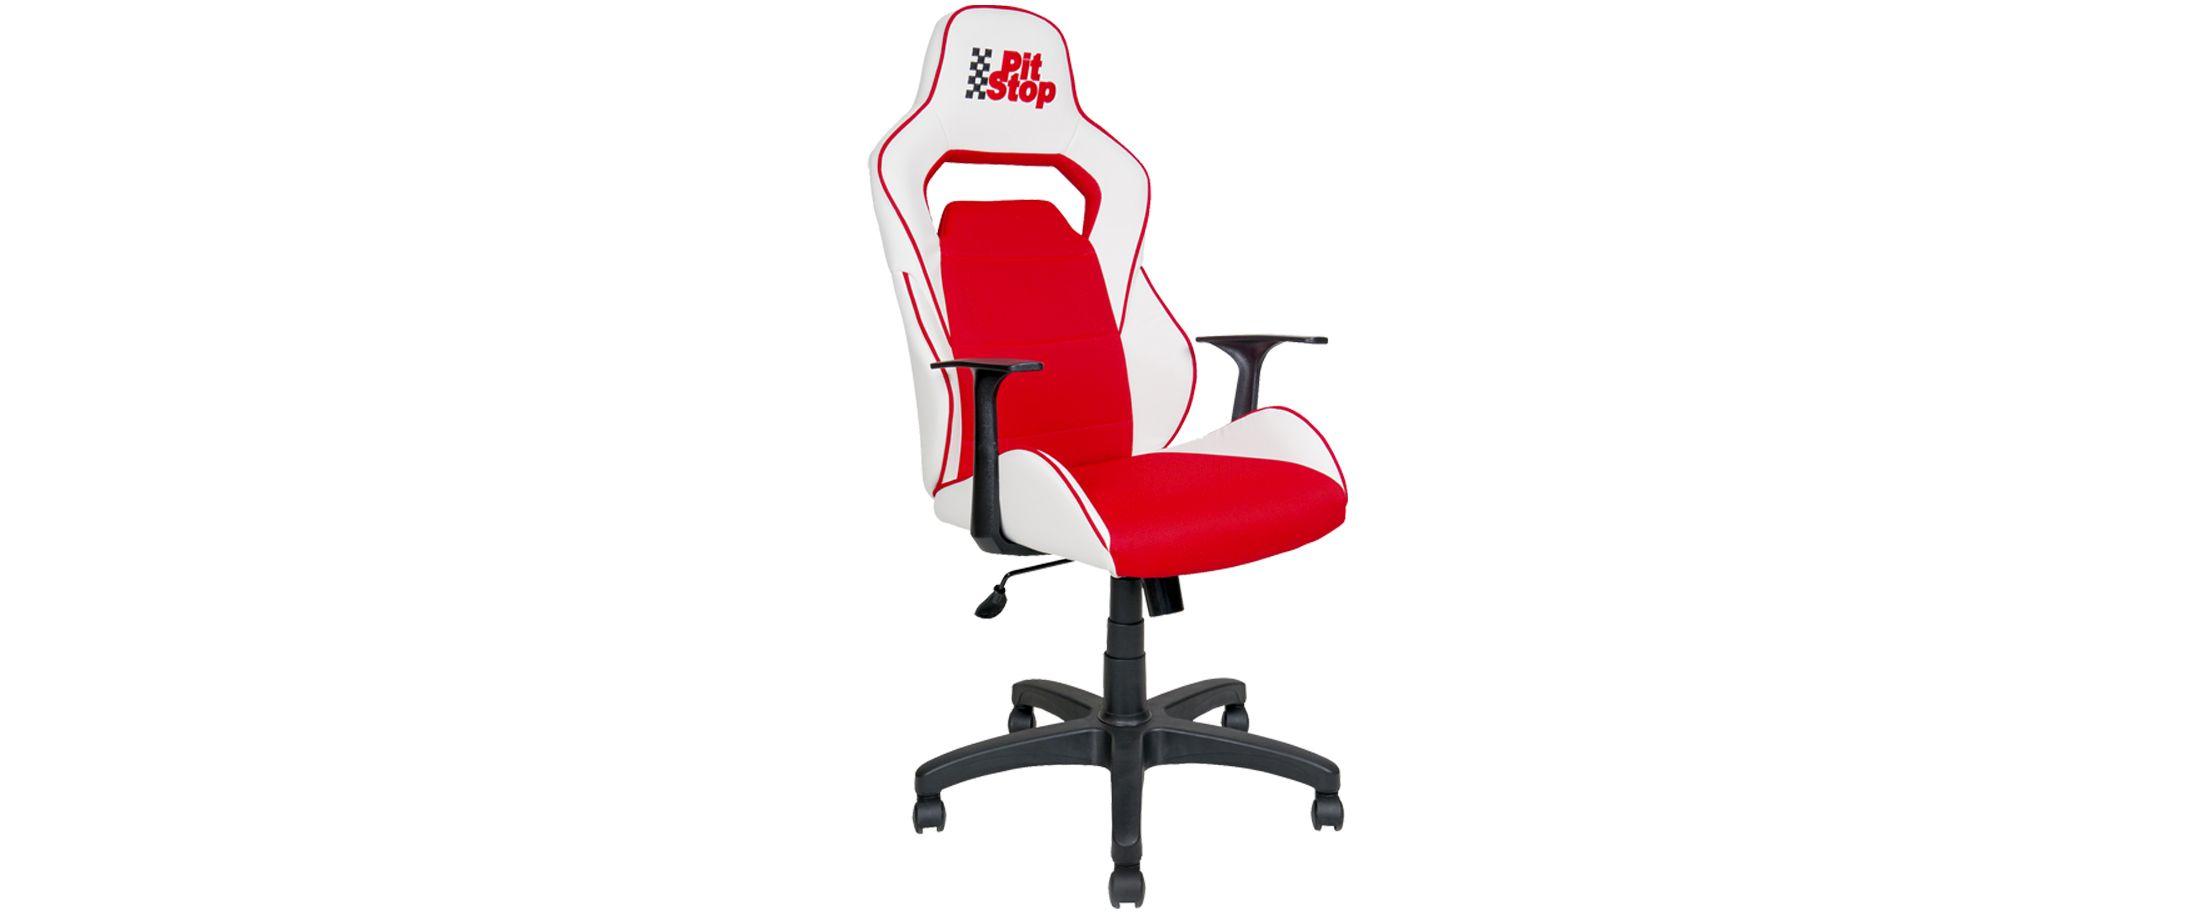 Кресло офисное AV 140 цвет белый/красный Модель 999Кресло офисное AV 140 цвет белый/красный Модель 999. Артикул Д000736<br><br>Ширина см: 51<br>Глубина см: 70<br>Высота см: 128<br>Цвет: Белый